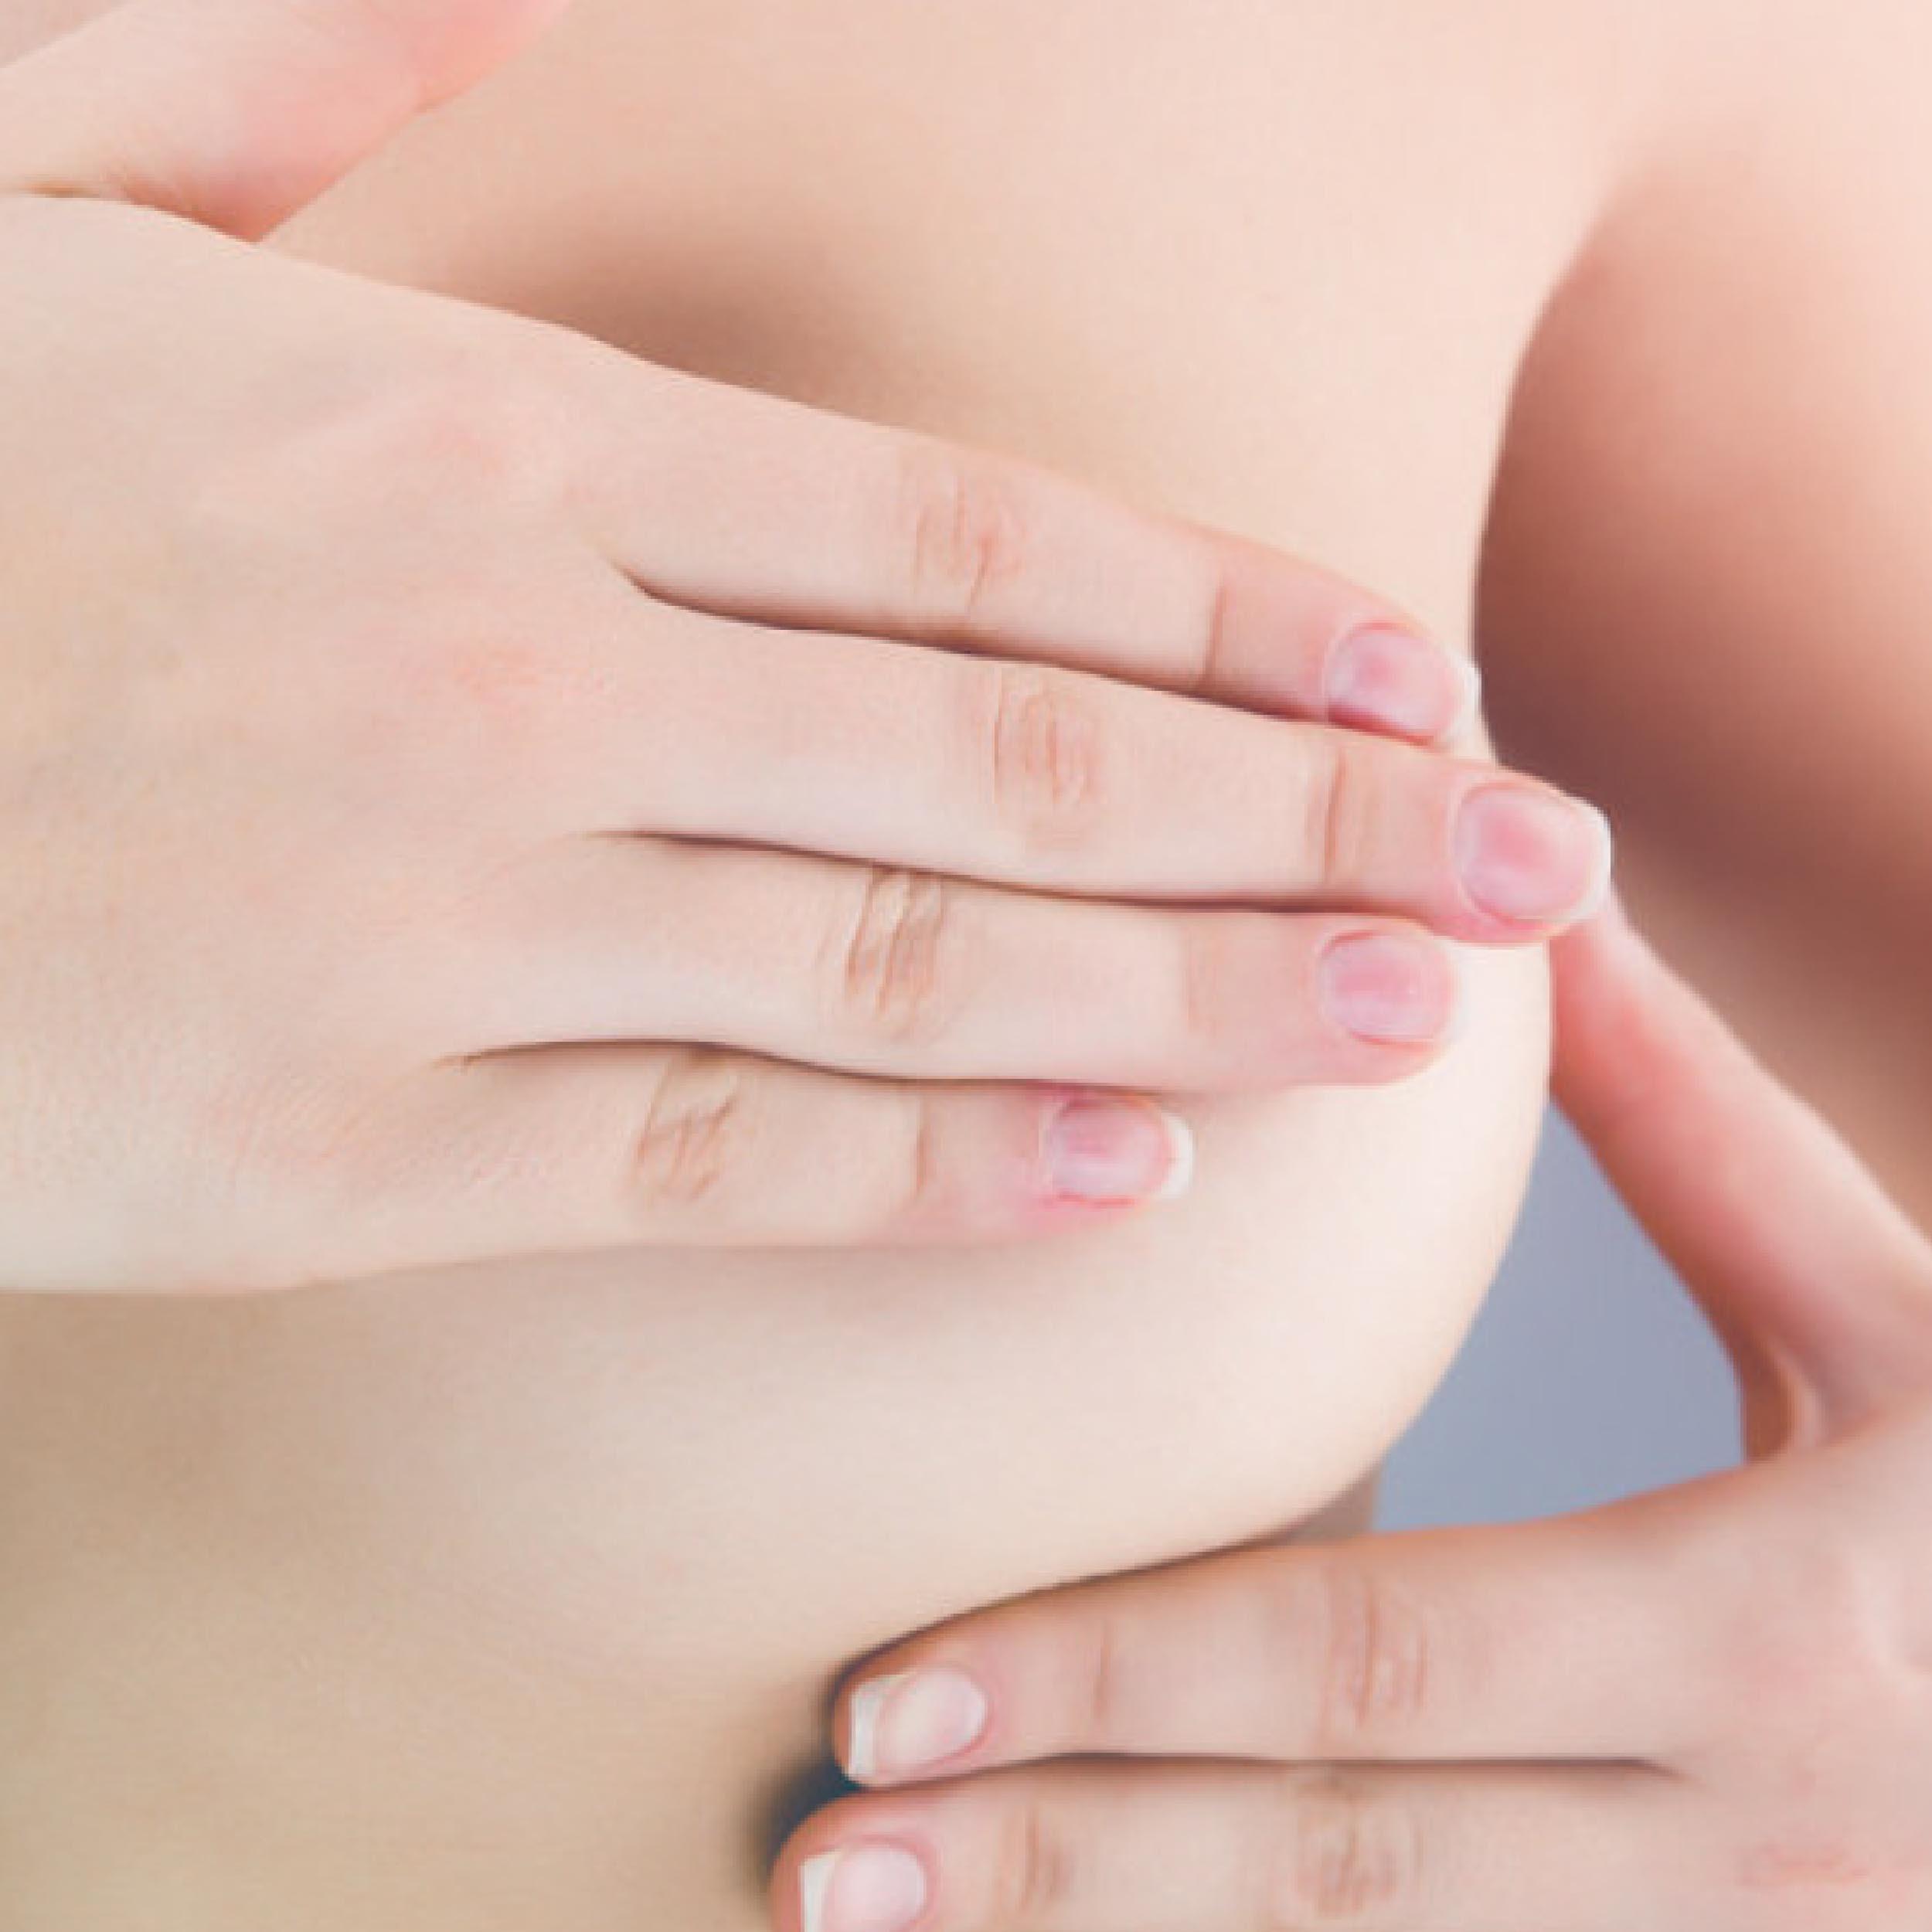 Neoplasia da Mama - Câncer de Mama